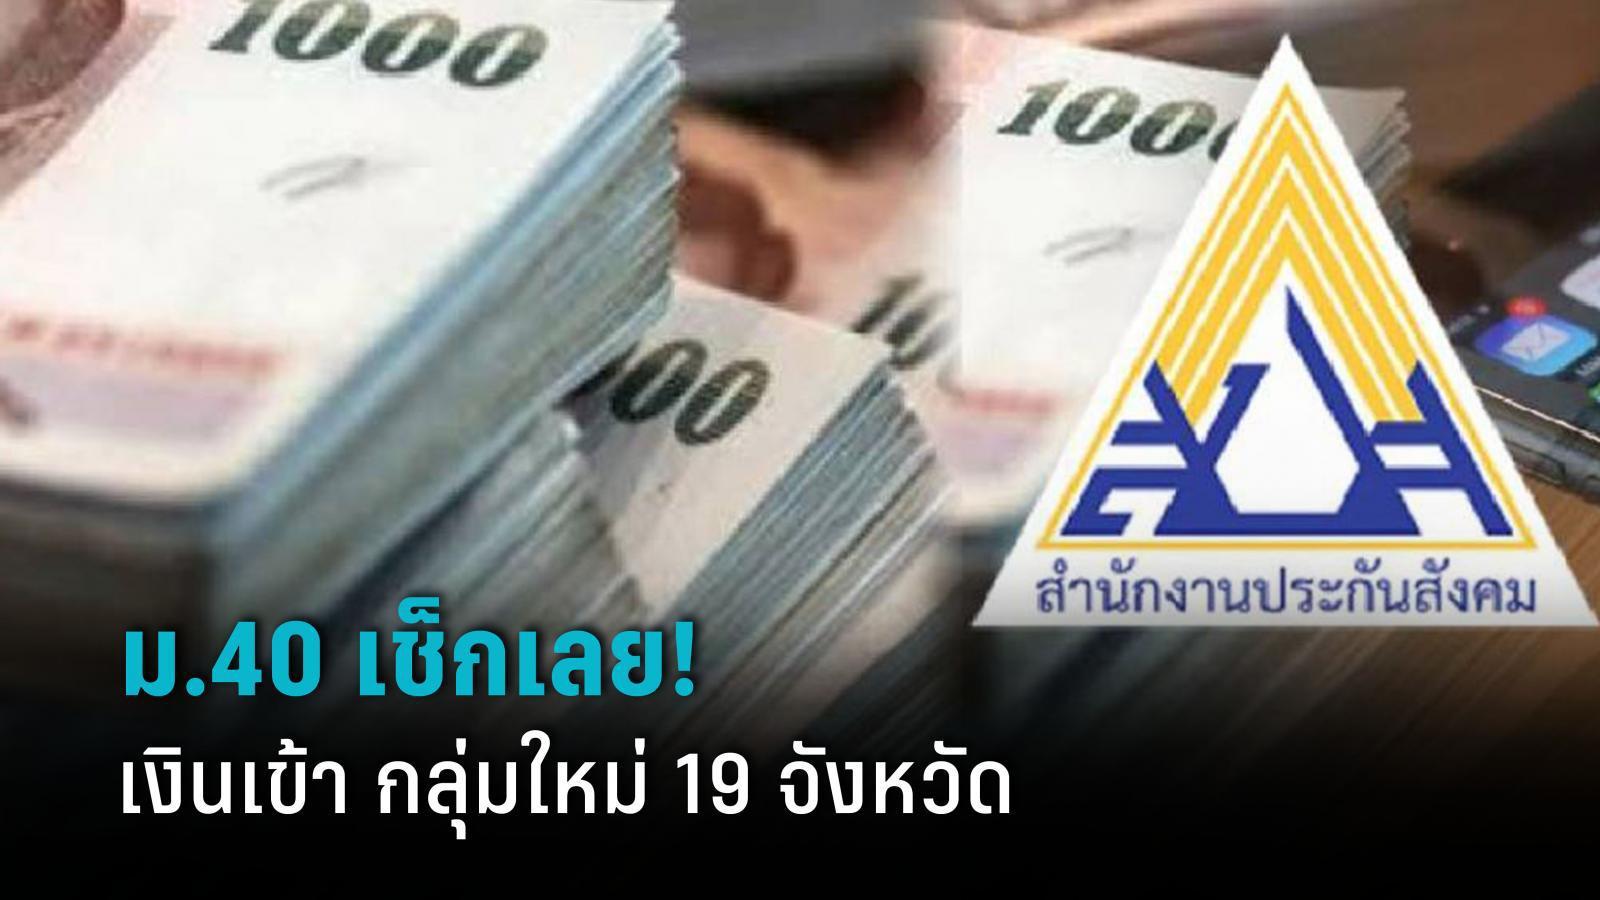 เช็กวันเงินเข้าพร้อมเพย์ เยียวยาผู้ประกันตน ม.40 กลุ่มใหม่ 19 จังหวัด แบ่งจ่าย 2 รอบ 20 ก.ย.และ 28 ก.ย.นี้